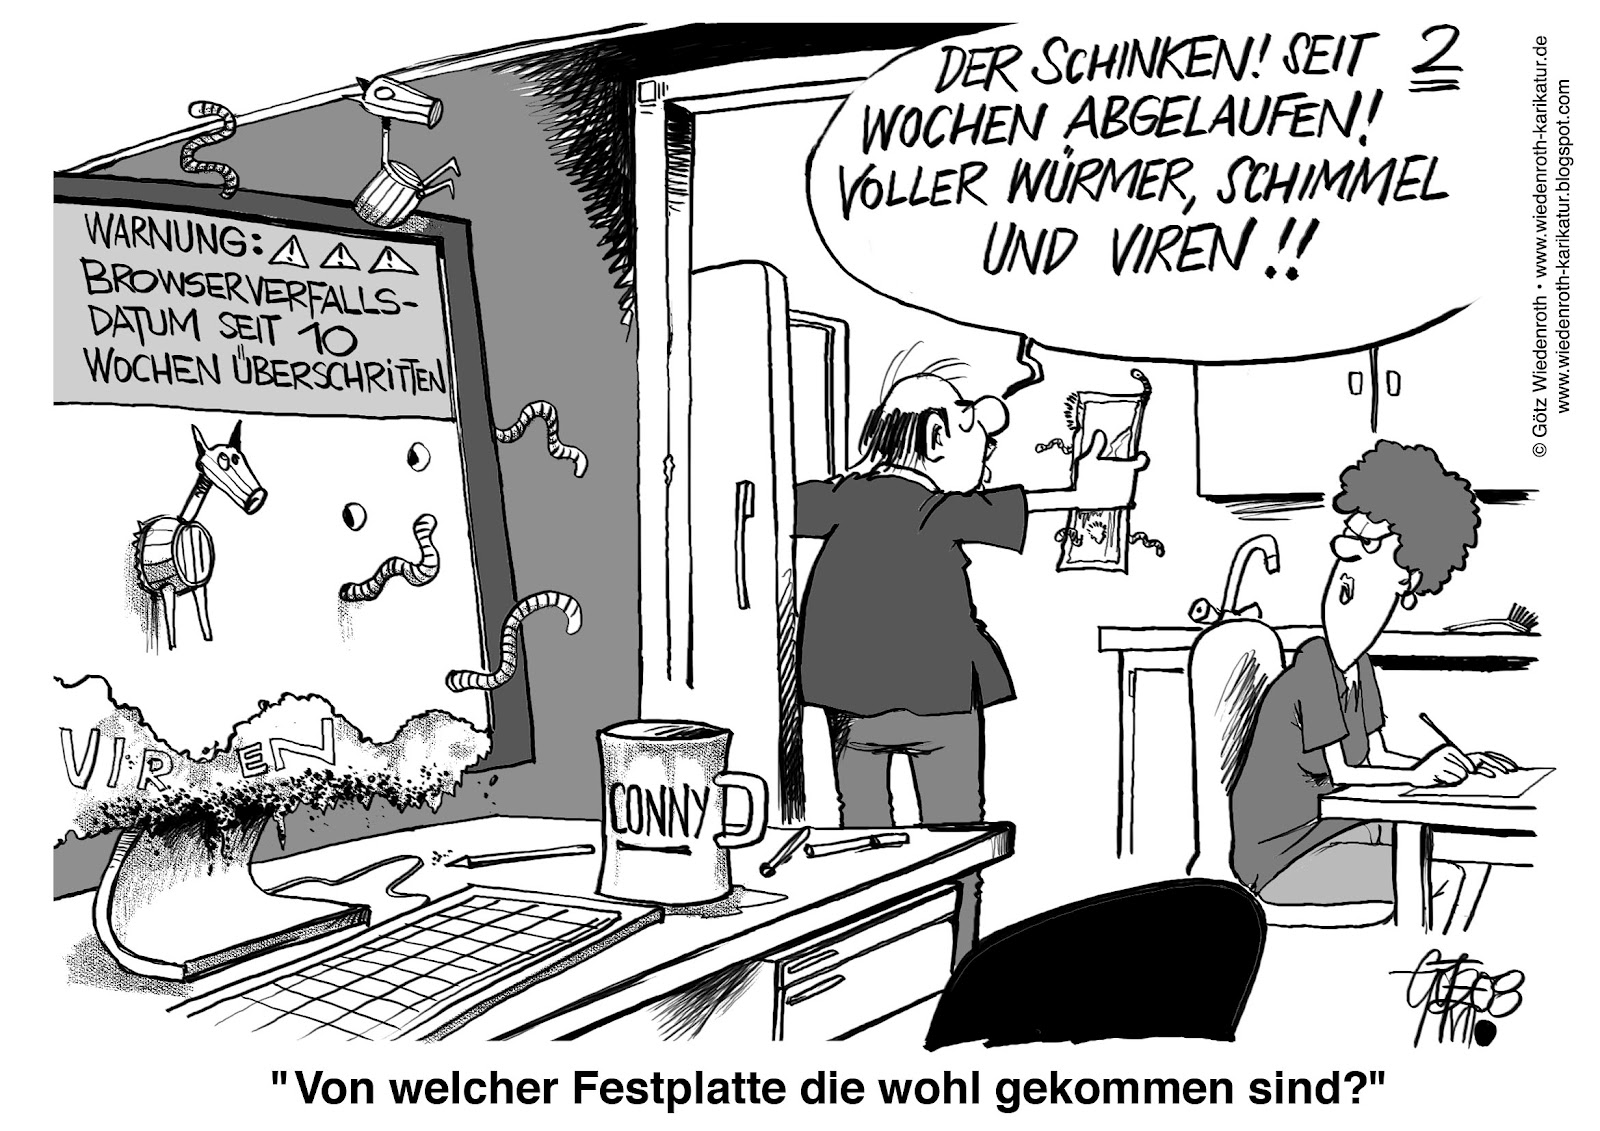 computer: festplatten-hygiene. | karikamur-karikatur! - wiedenroth - Hygiene Küche